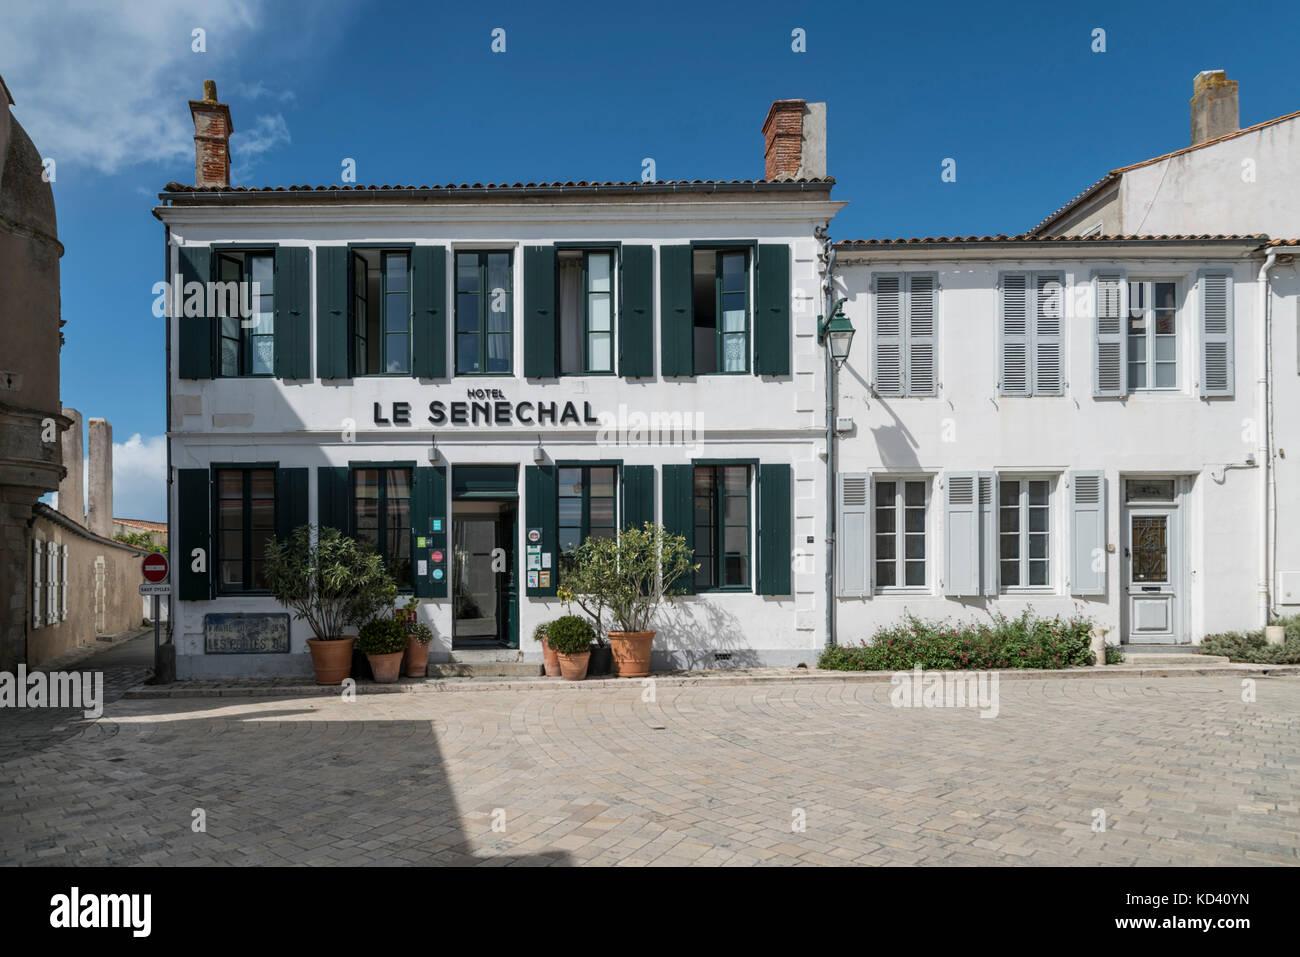 Ars-en-Re, Hotel senechal, Ile de Re, Nouvelle - Aquitaine, Französisch westcoast, Frankreich, Stockbild